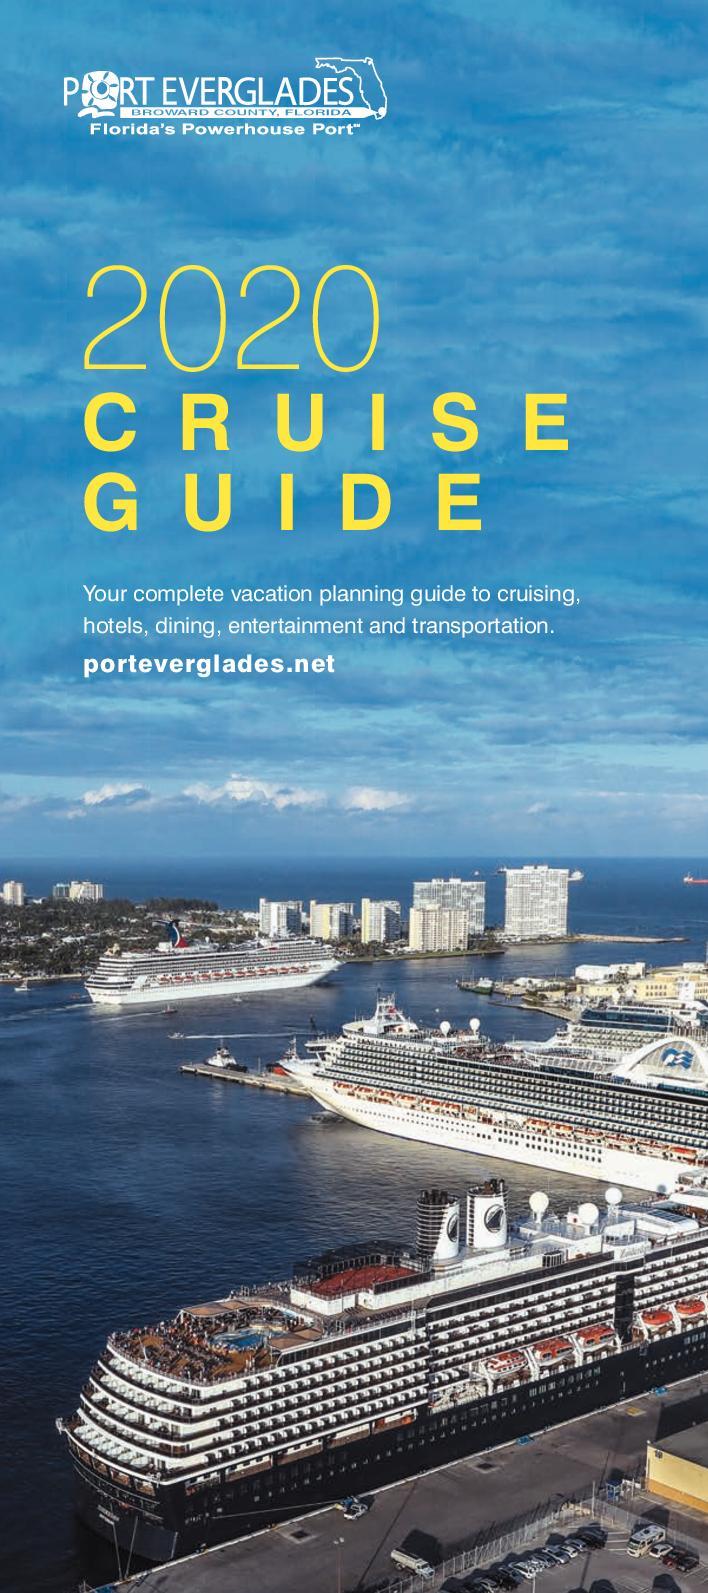 Everglades Seafood Festival 2020.Calameo Port Everglades Cruise Guide 2020